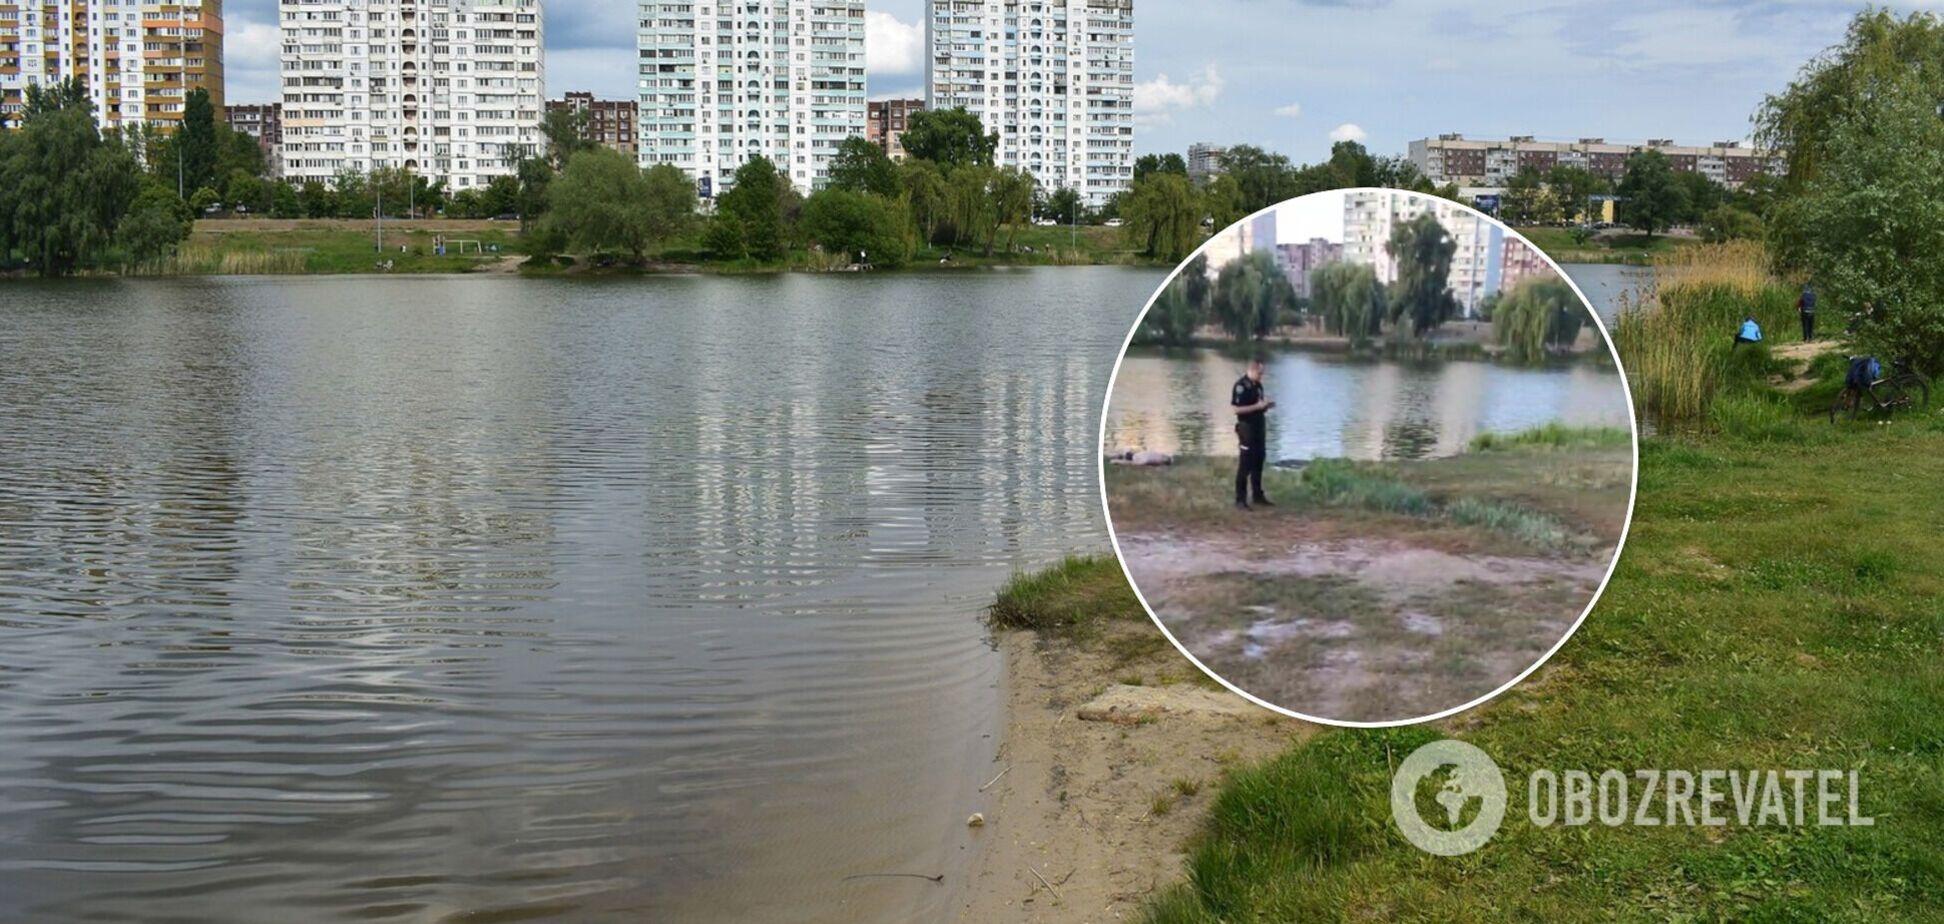 В киевском озере мужчина запутался в 'подводной крапиве' и утонул. Фото и видео 18+